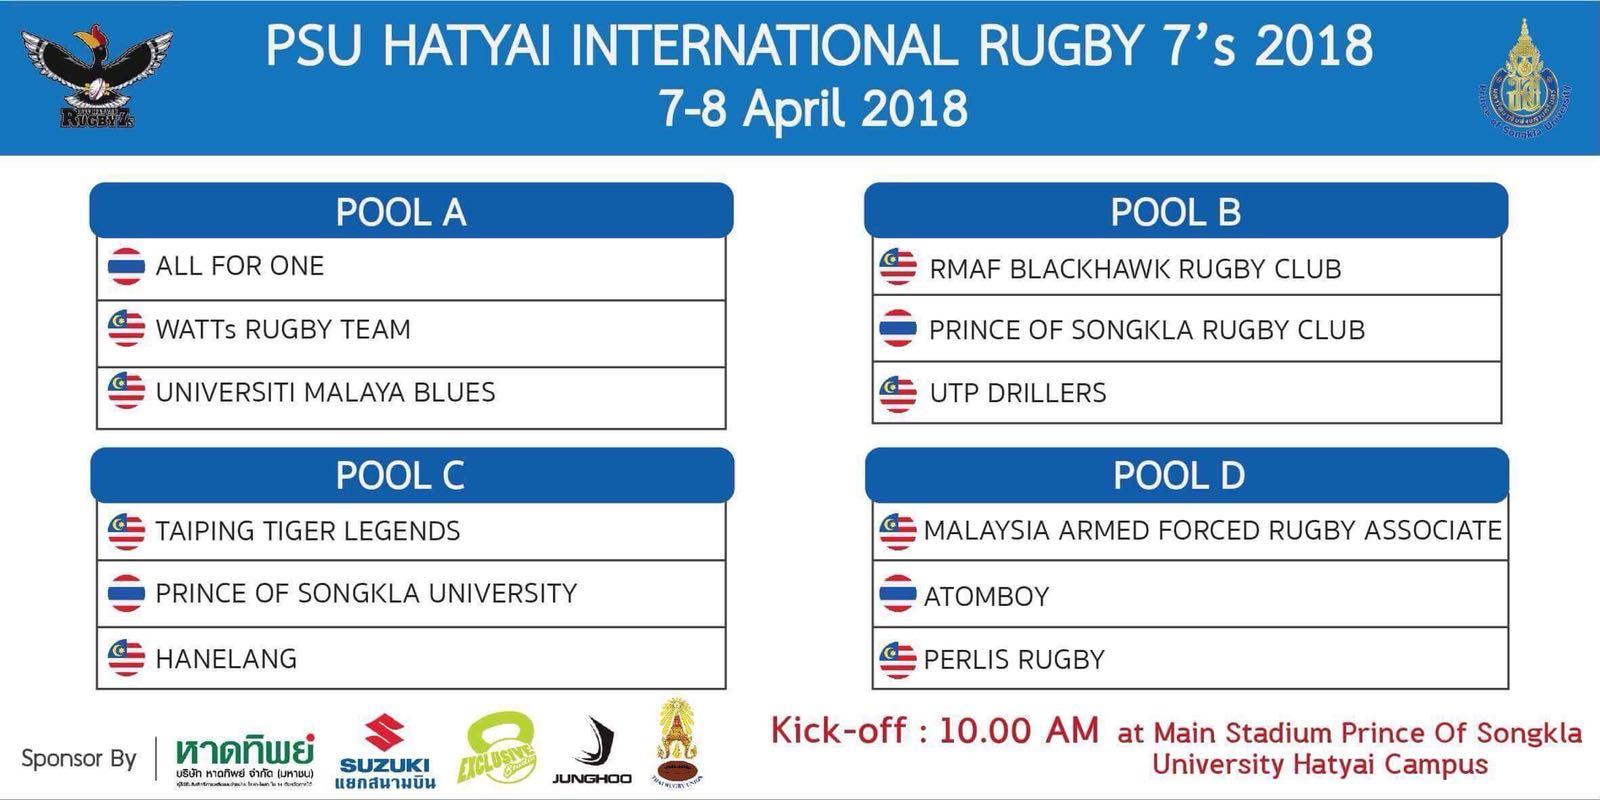 """Kejohanan PSU Hatyai International Rugby 7s 2018 yang turut disertai beberapa pasukan ragbi tanah air dan pasukan kebangsaan Thailand yang membawa nama """"All For One"""". Kredit Foto - Facebook.com/PRAGBINT"""